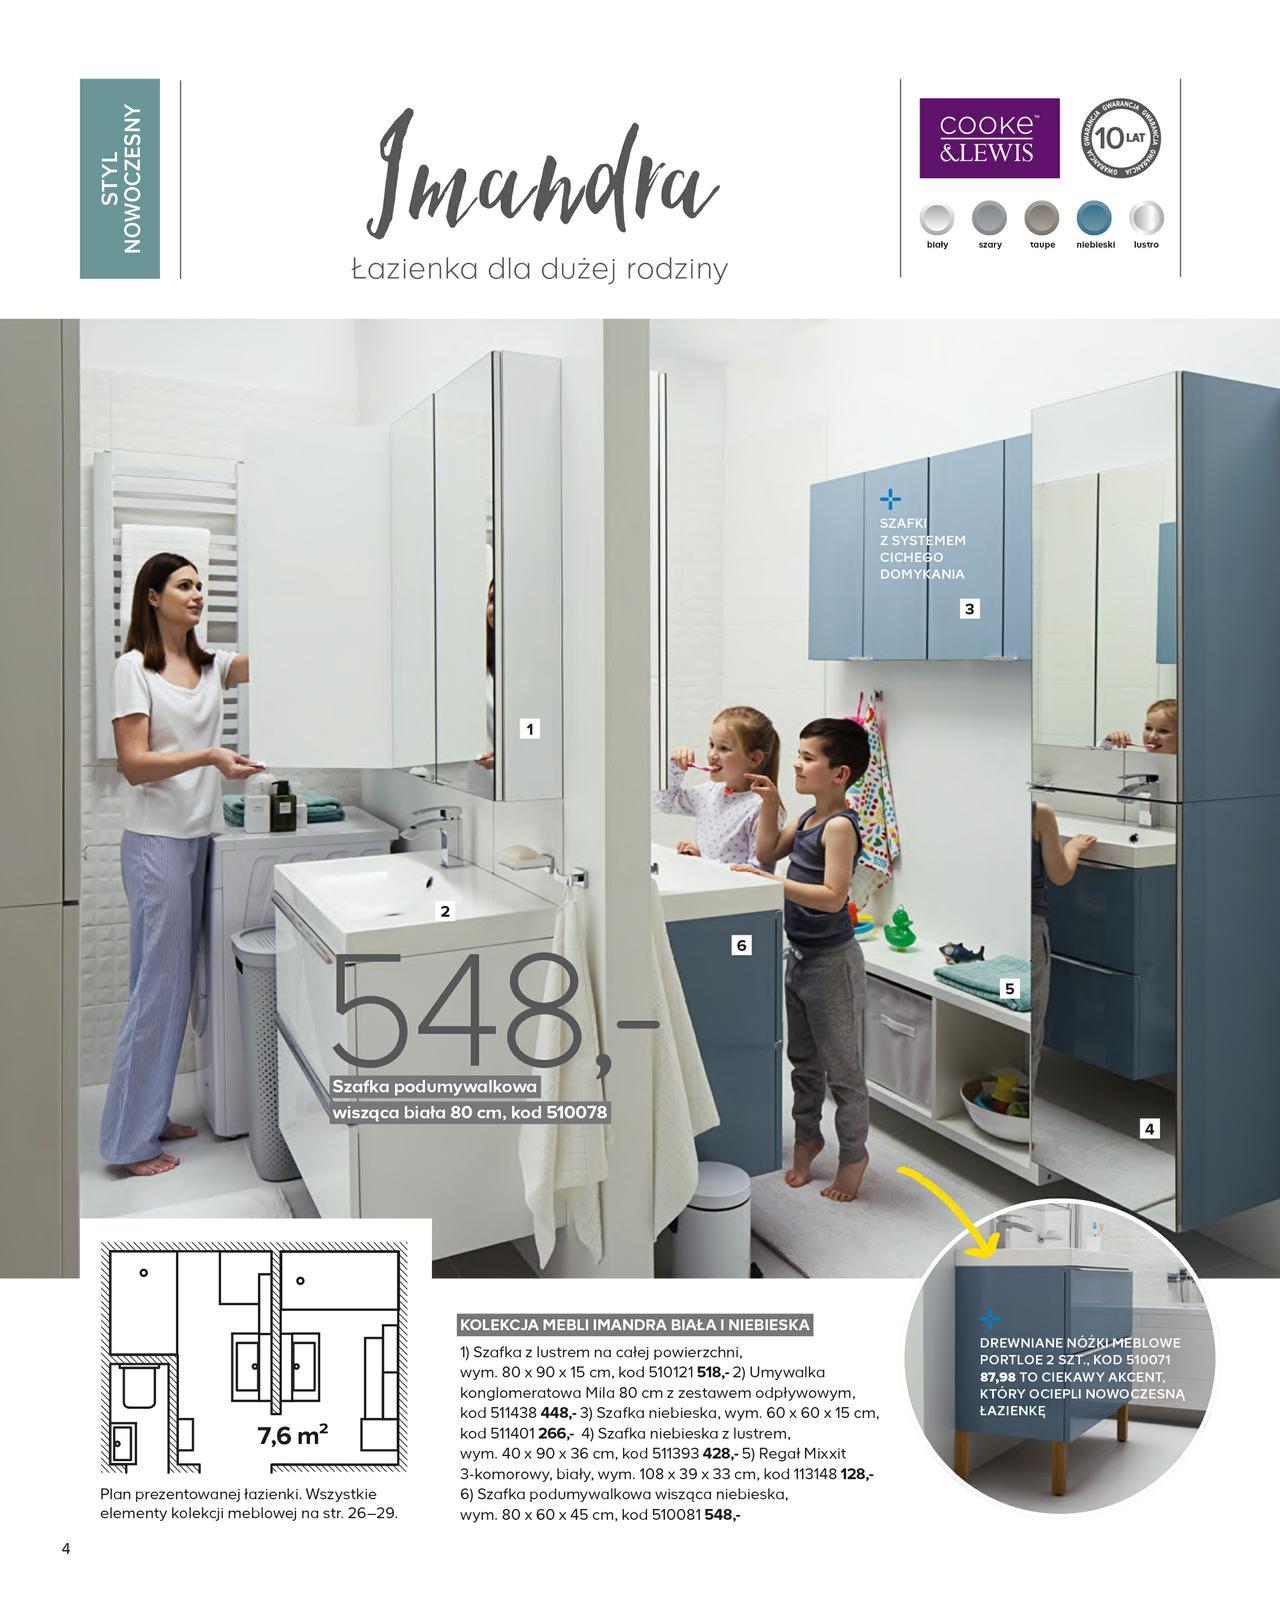 gazetka castorama 31 07 2017 31 12 2017 lub do wyczerpania zapas w. Black Bedroom Furniture Sets. Home Design Ideas